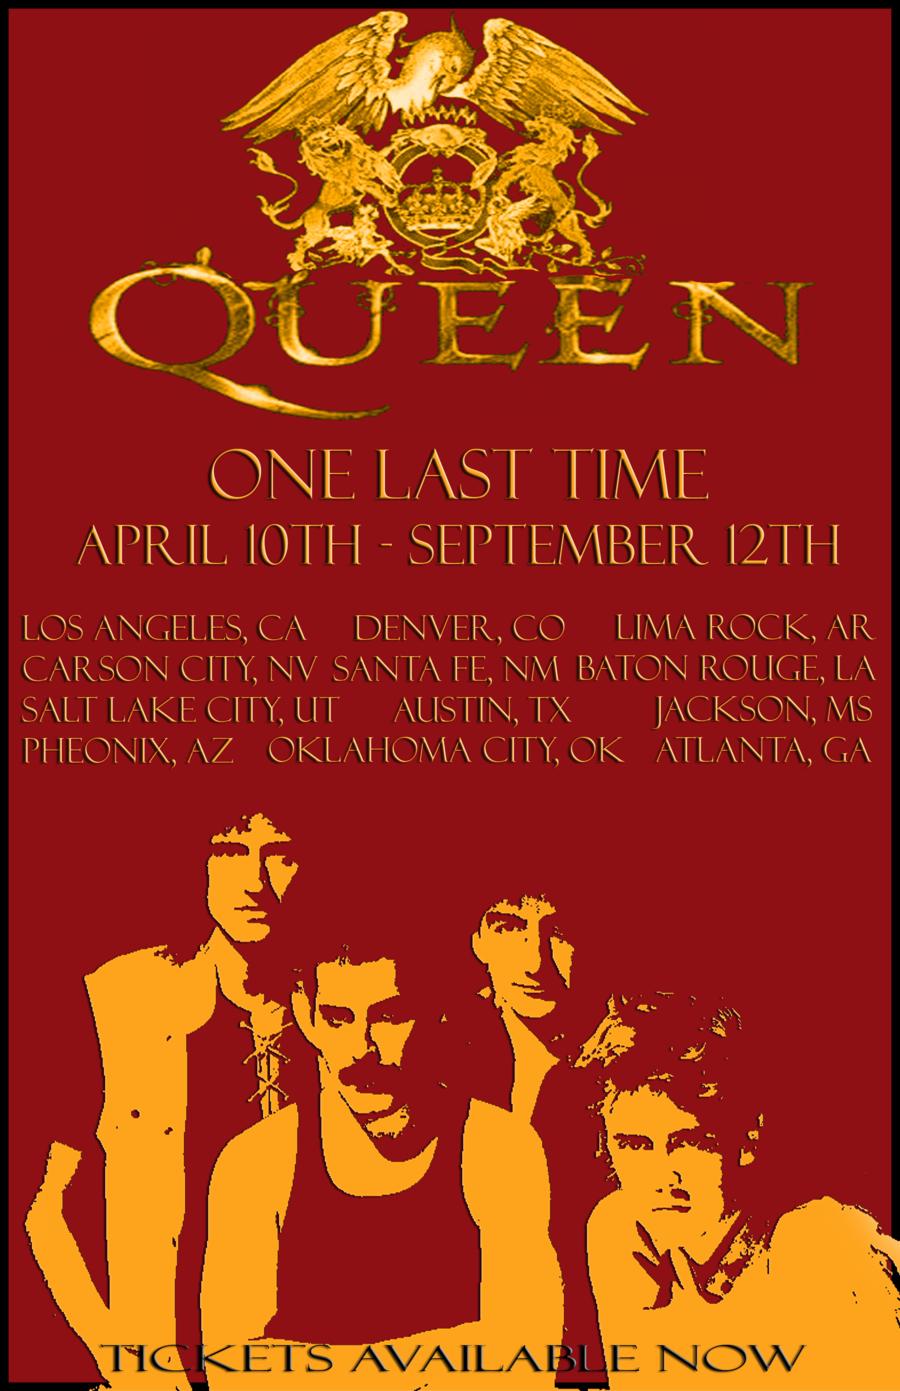 Concert Posters Queen